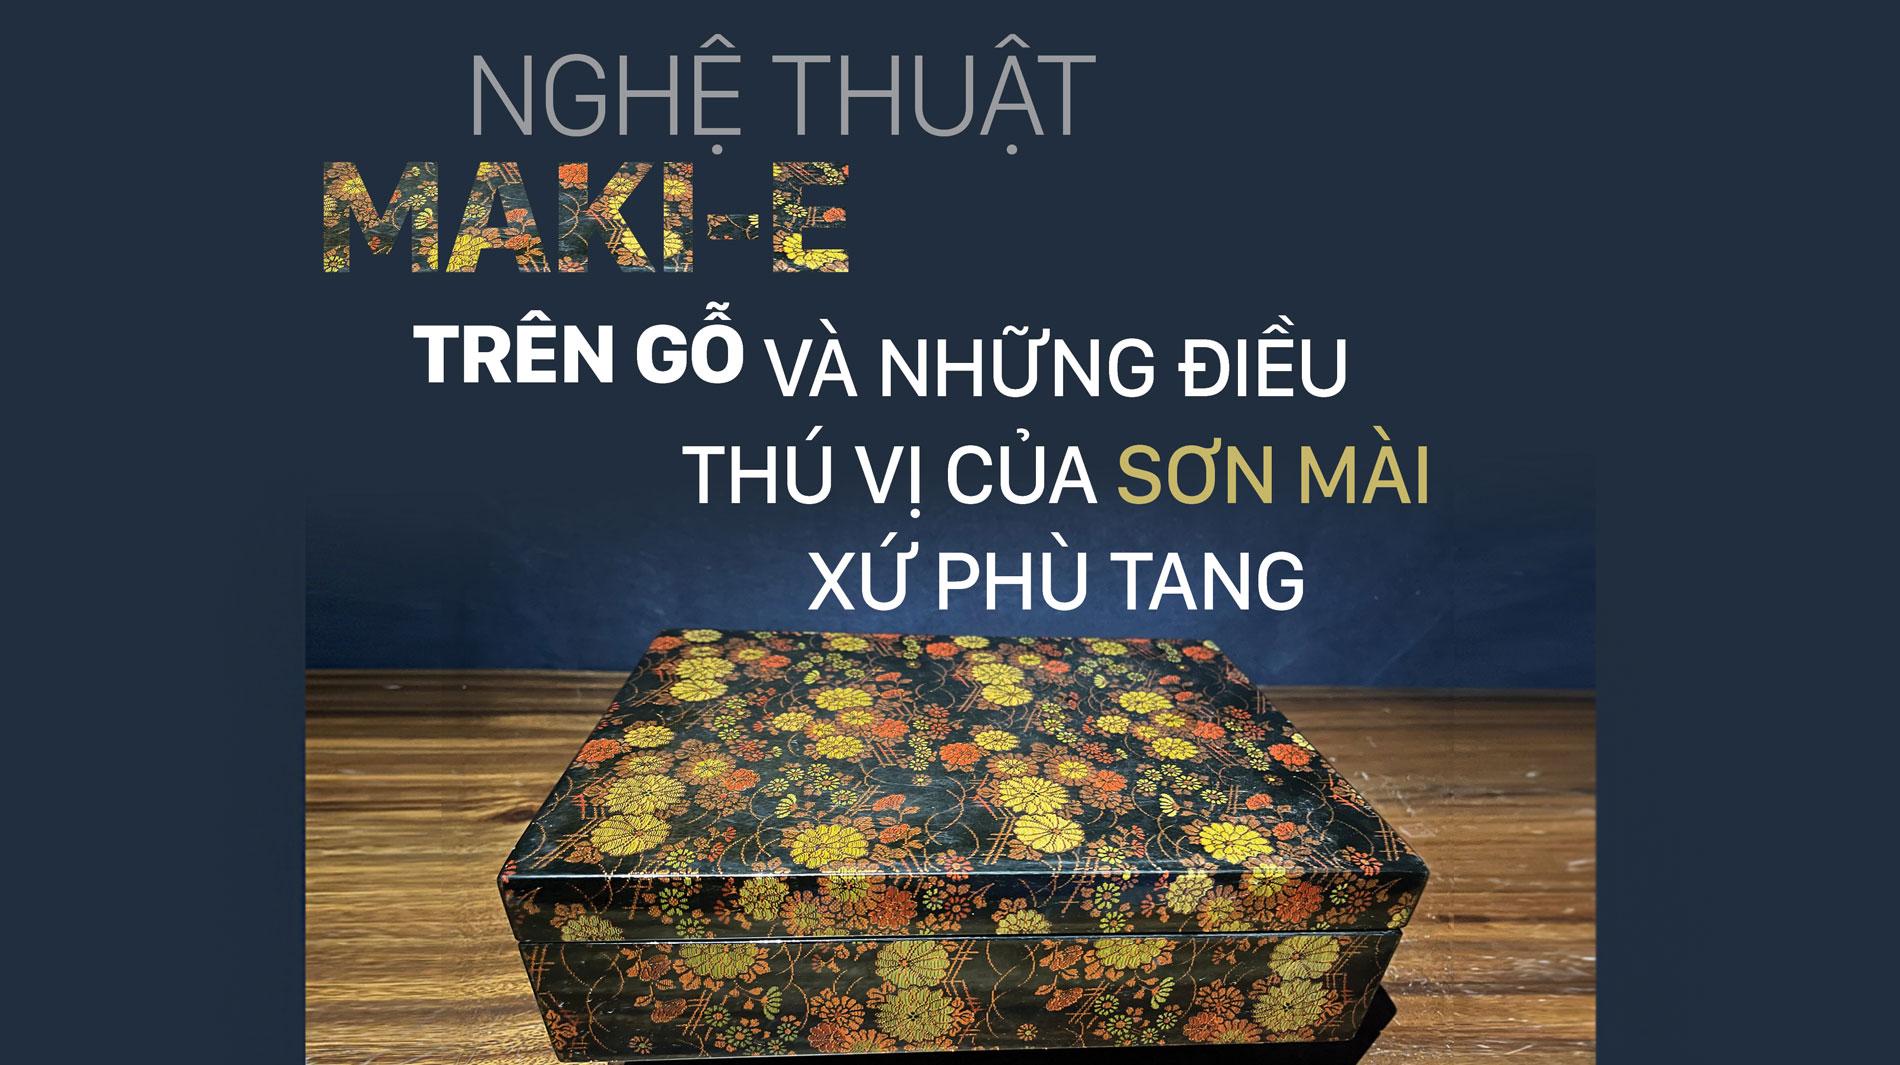 Nghệ thuật Maki-e trên gỗ và những điều thú vị của sơn mài  xứ Phù Tang